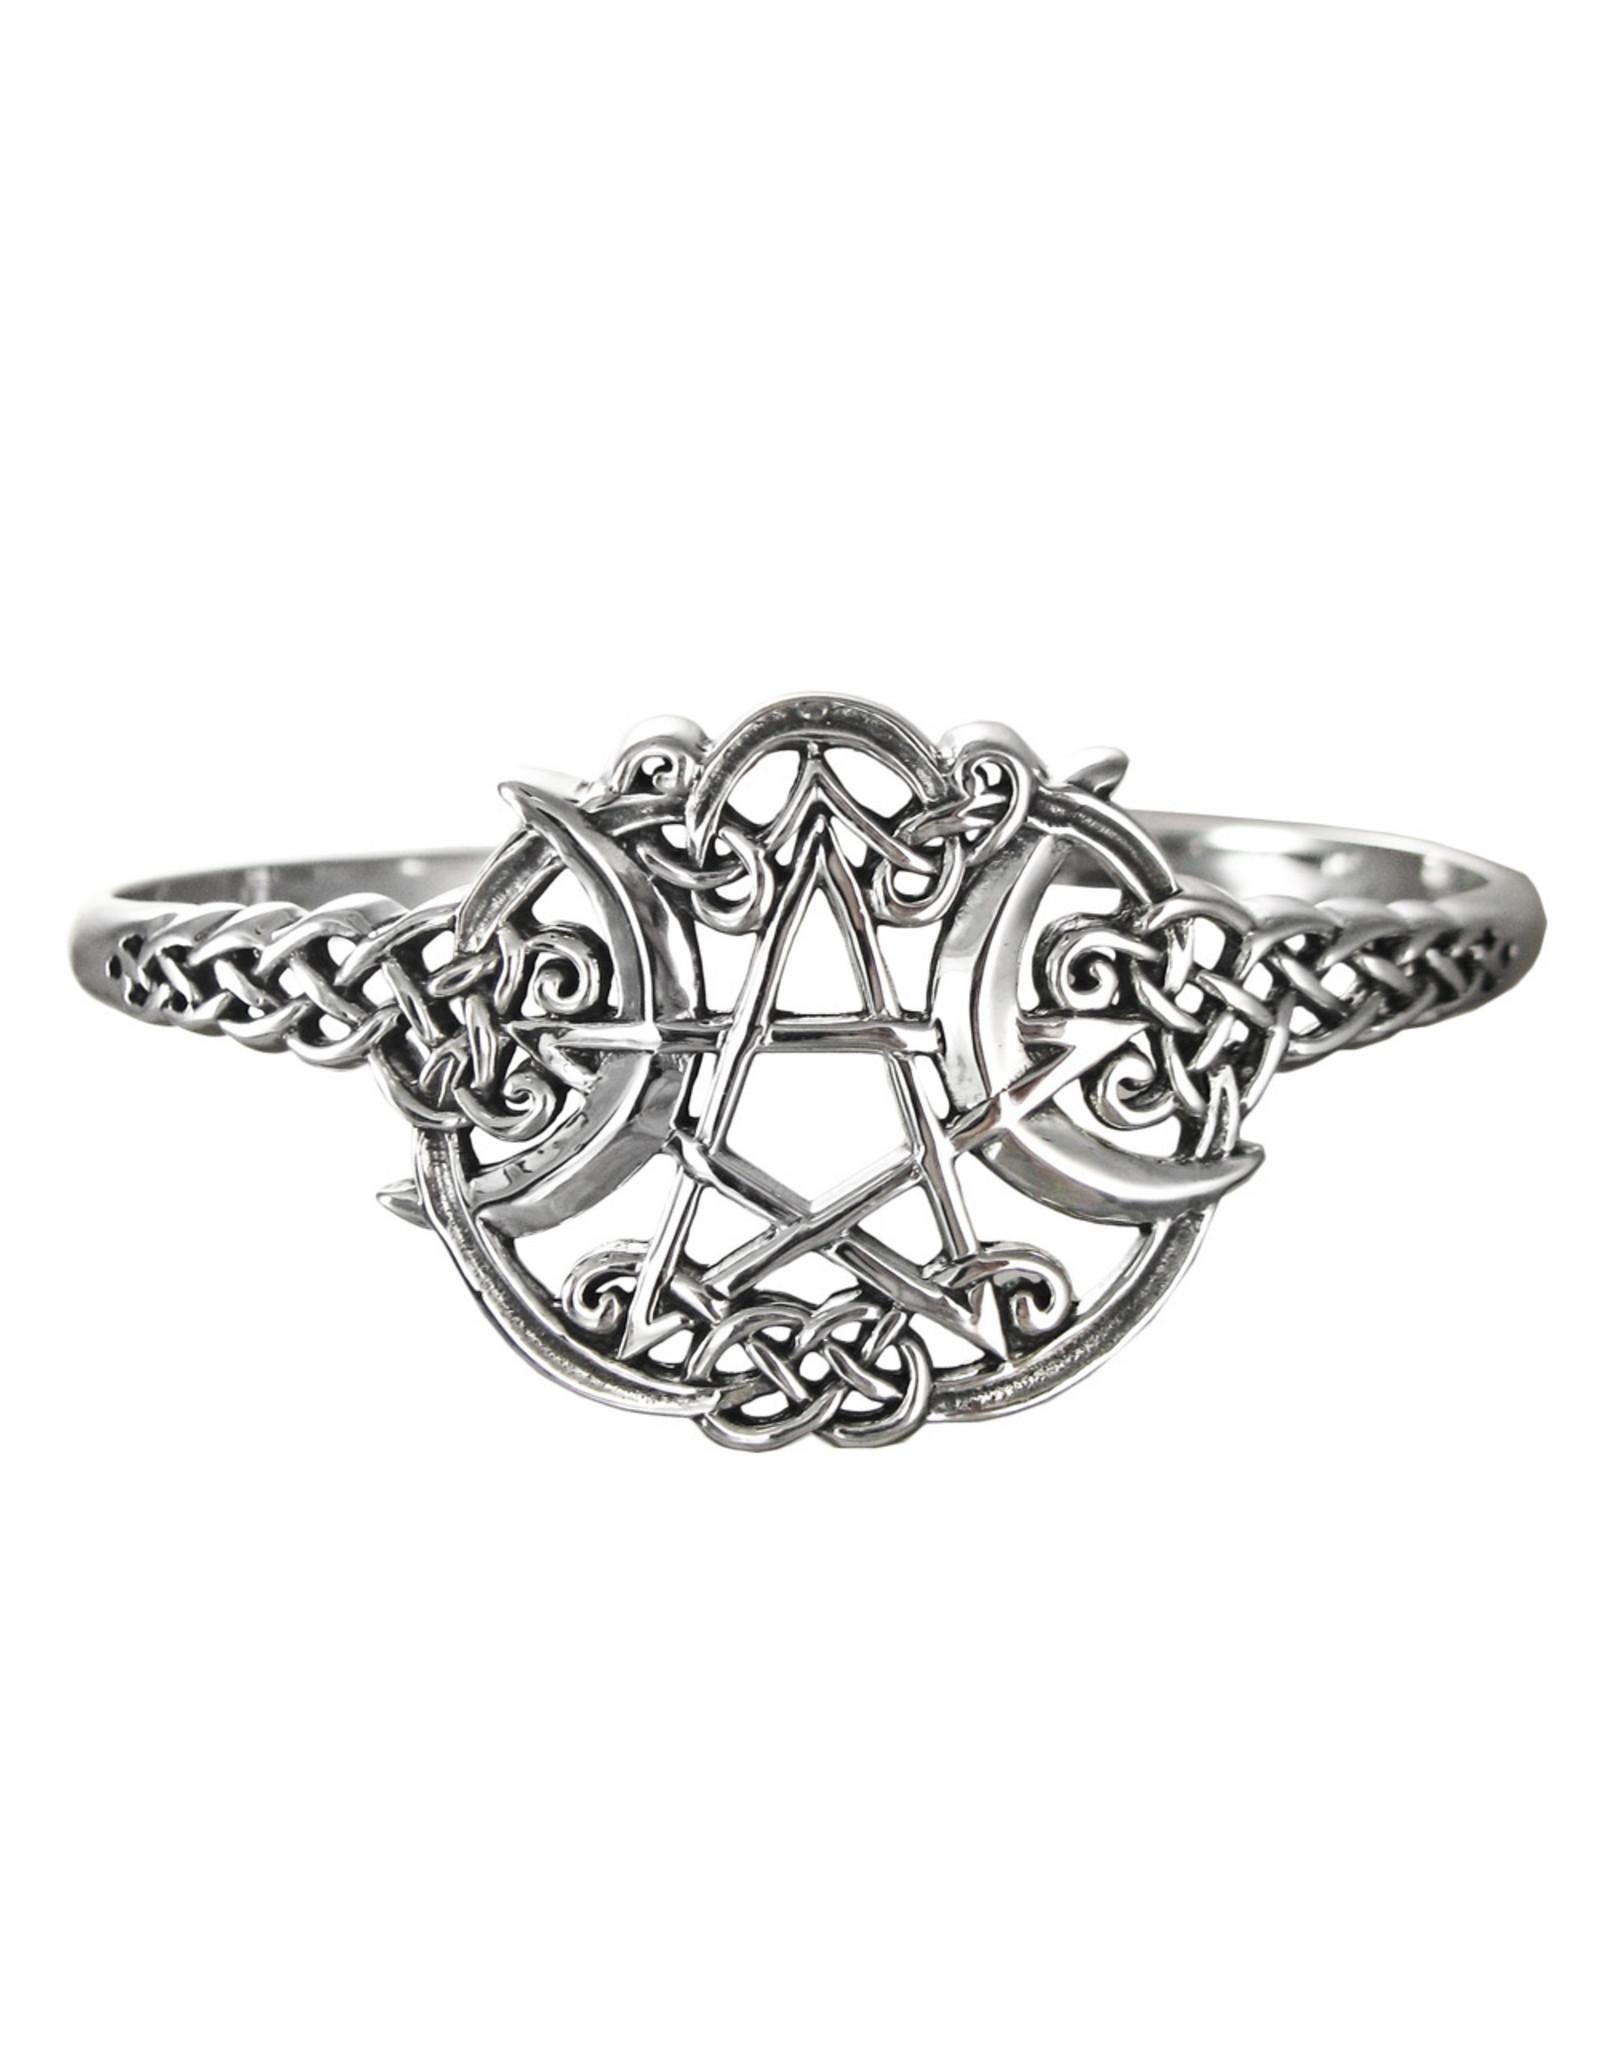 Heart Pentacle Bracelet in Sterling Silver